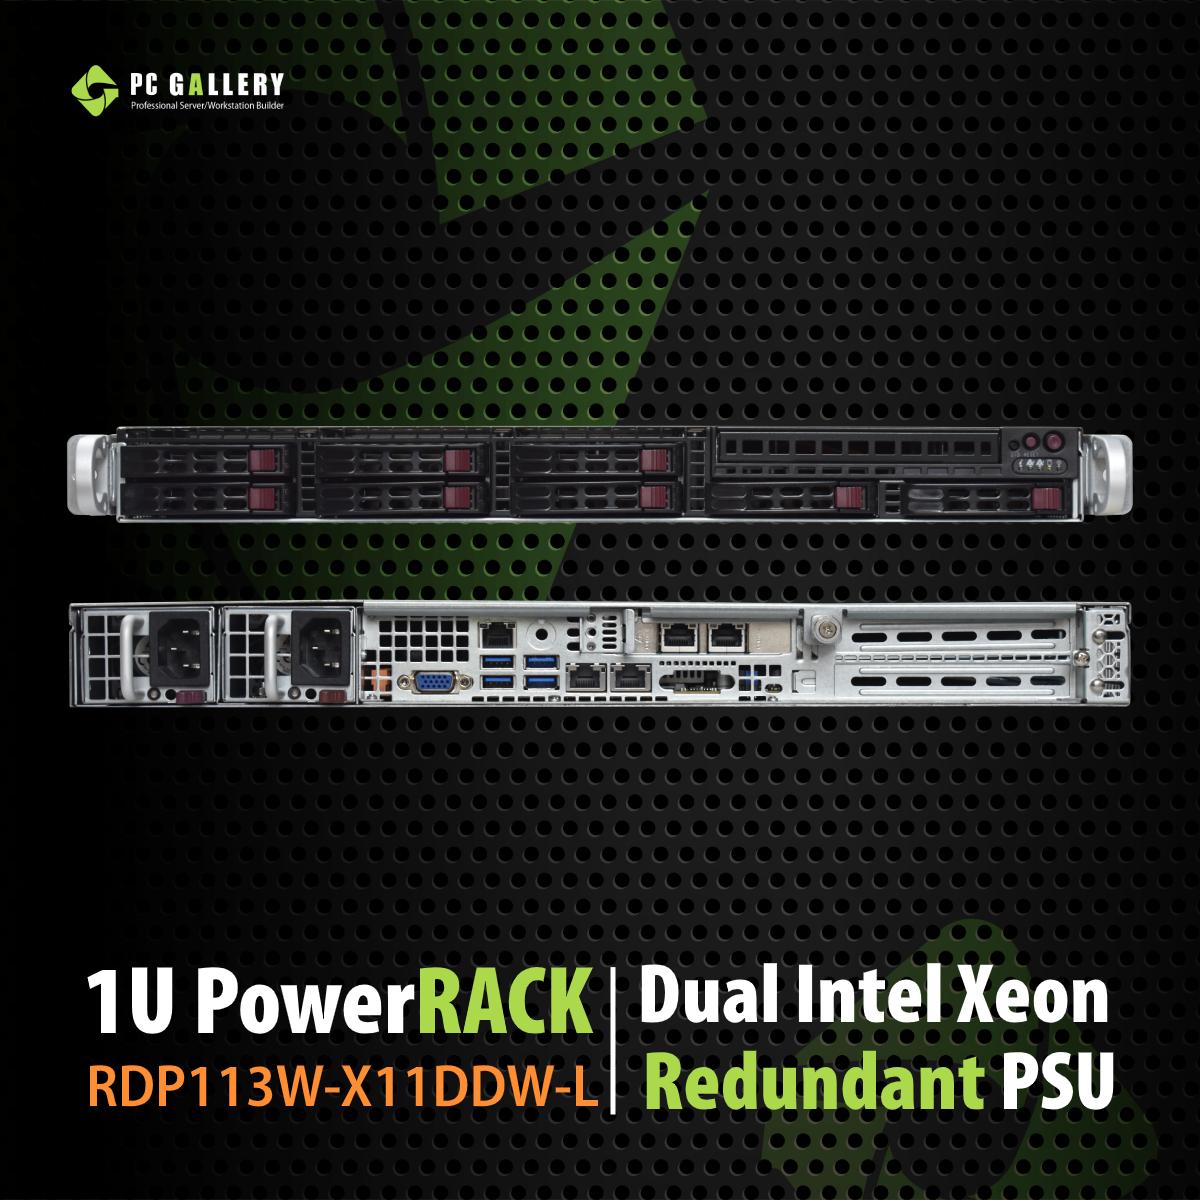 RDP113W-X11DDW-L